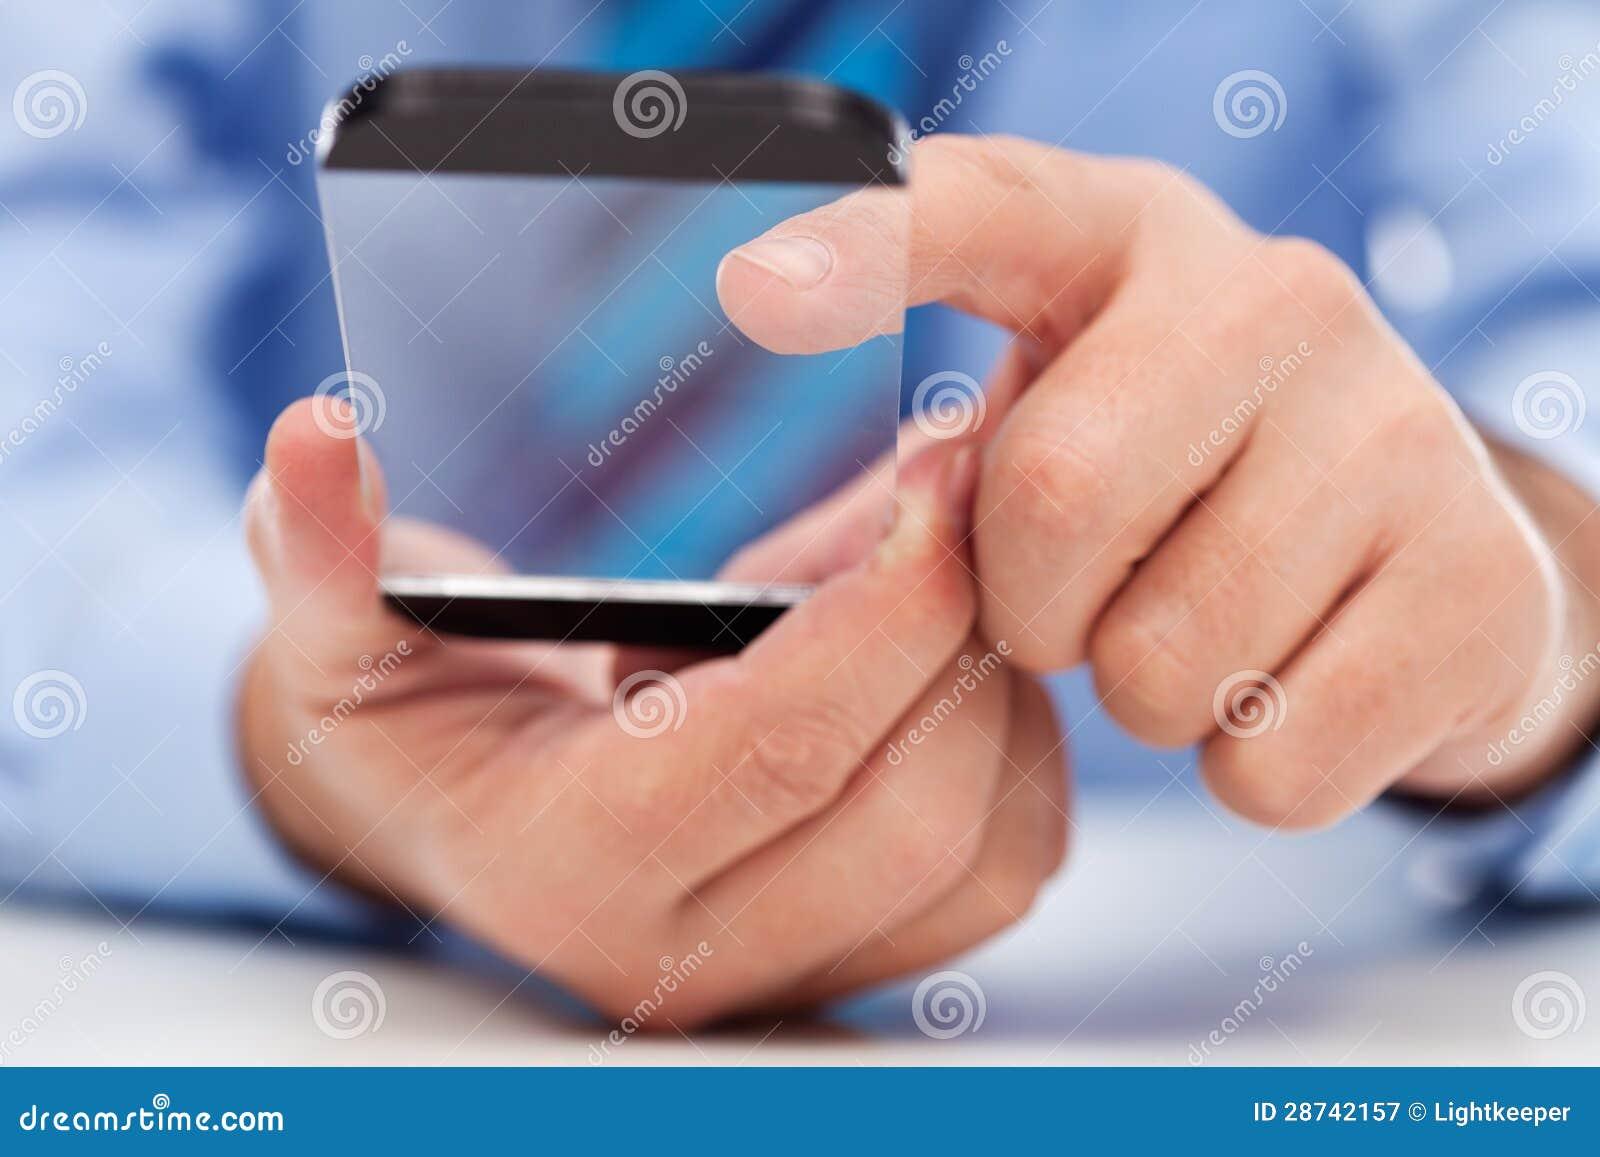 Ekran sensorowy gadżet w biznesmen rękach